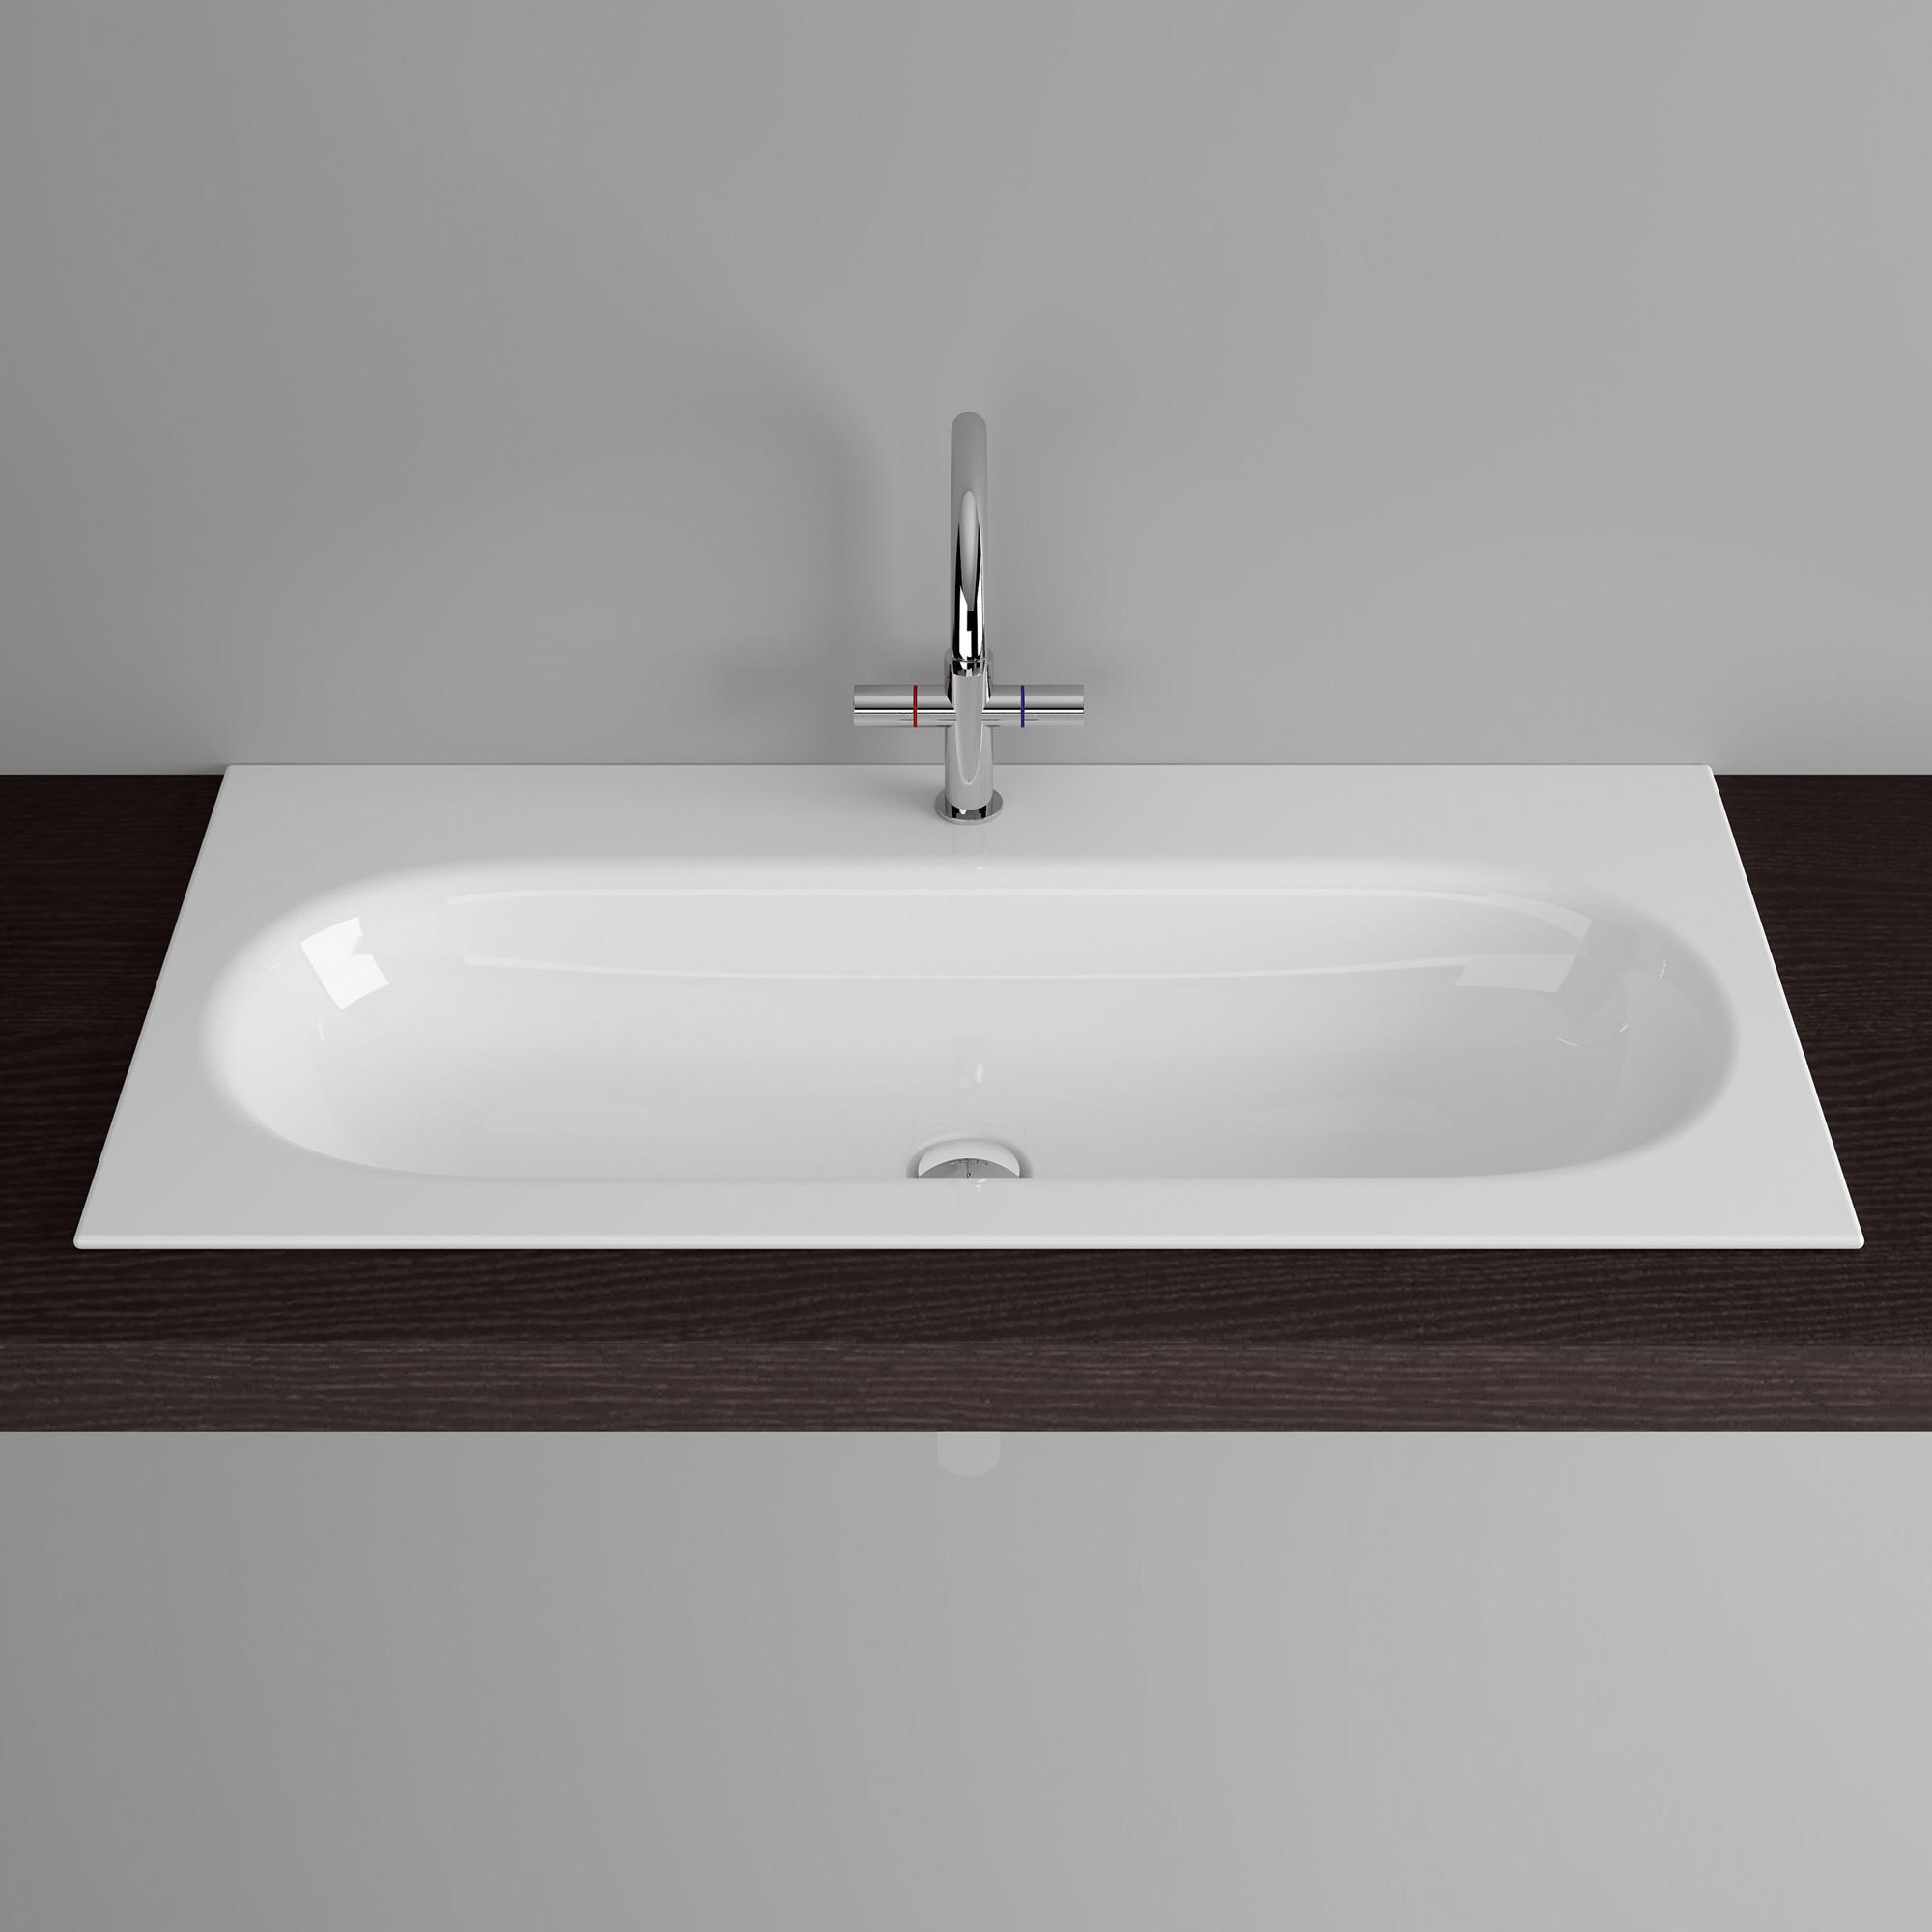 bette comodo einbau waschtisch wei a202 000hlw1. Black Bedroom Furniture Sets. Home Design Ideas